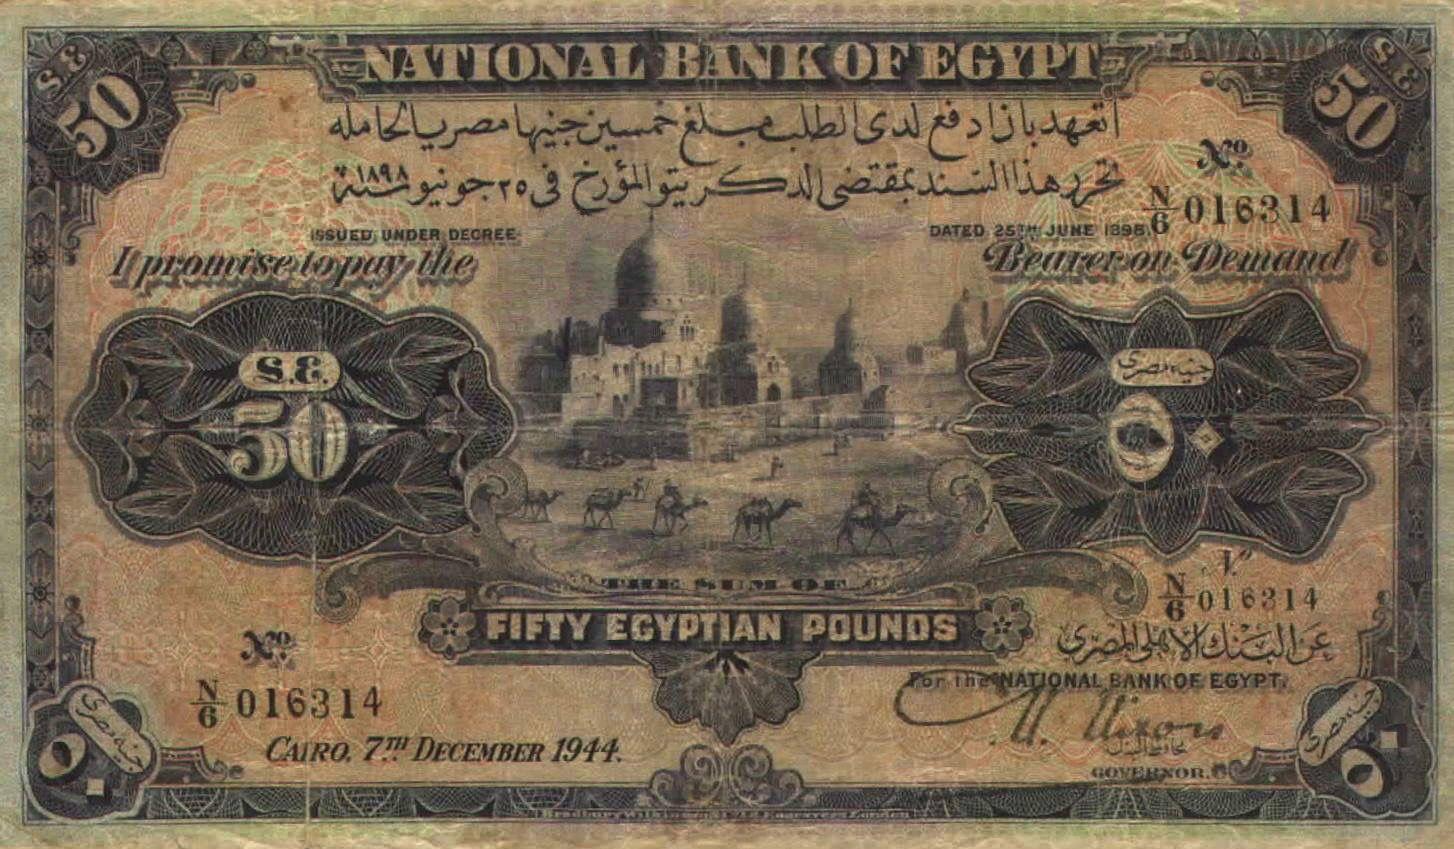 خمسين جنية مصري عن البنك الاهلي عام ١٩٤٤ عهد الملك فاروق Bank Notes Banknote Collection Egyptian Pound